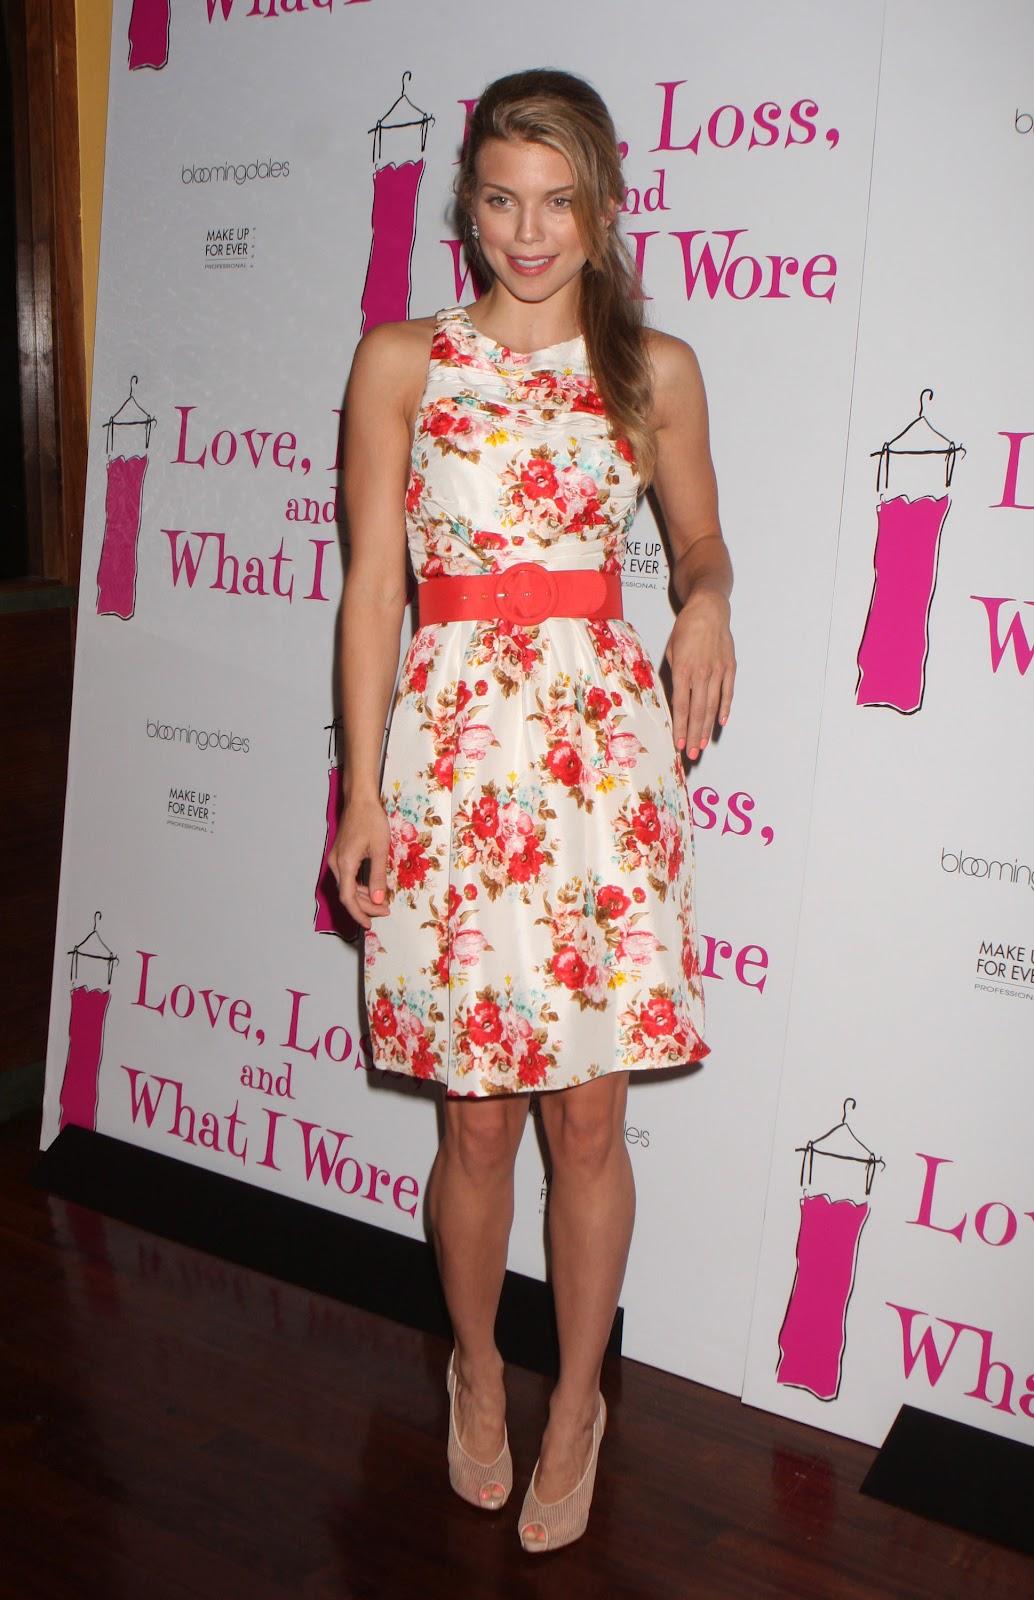 90210 Girls Style: Annalynne Mccord